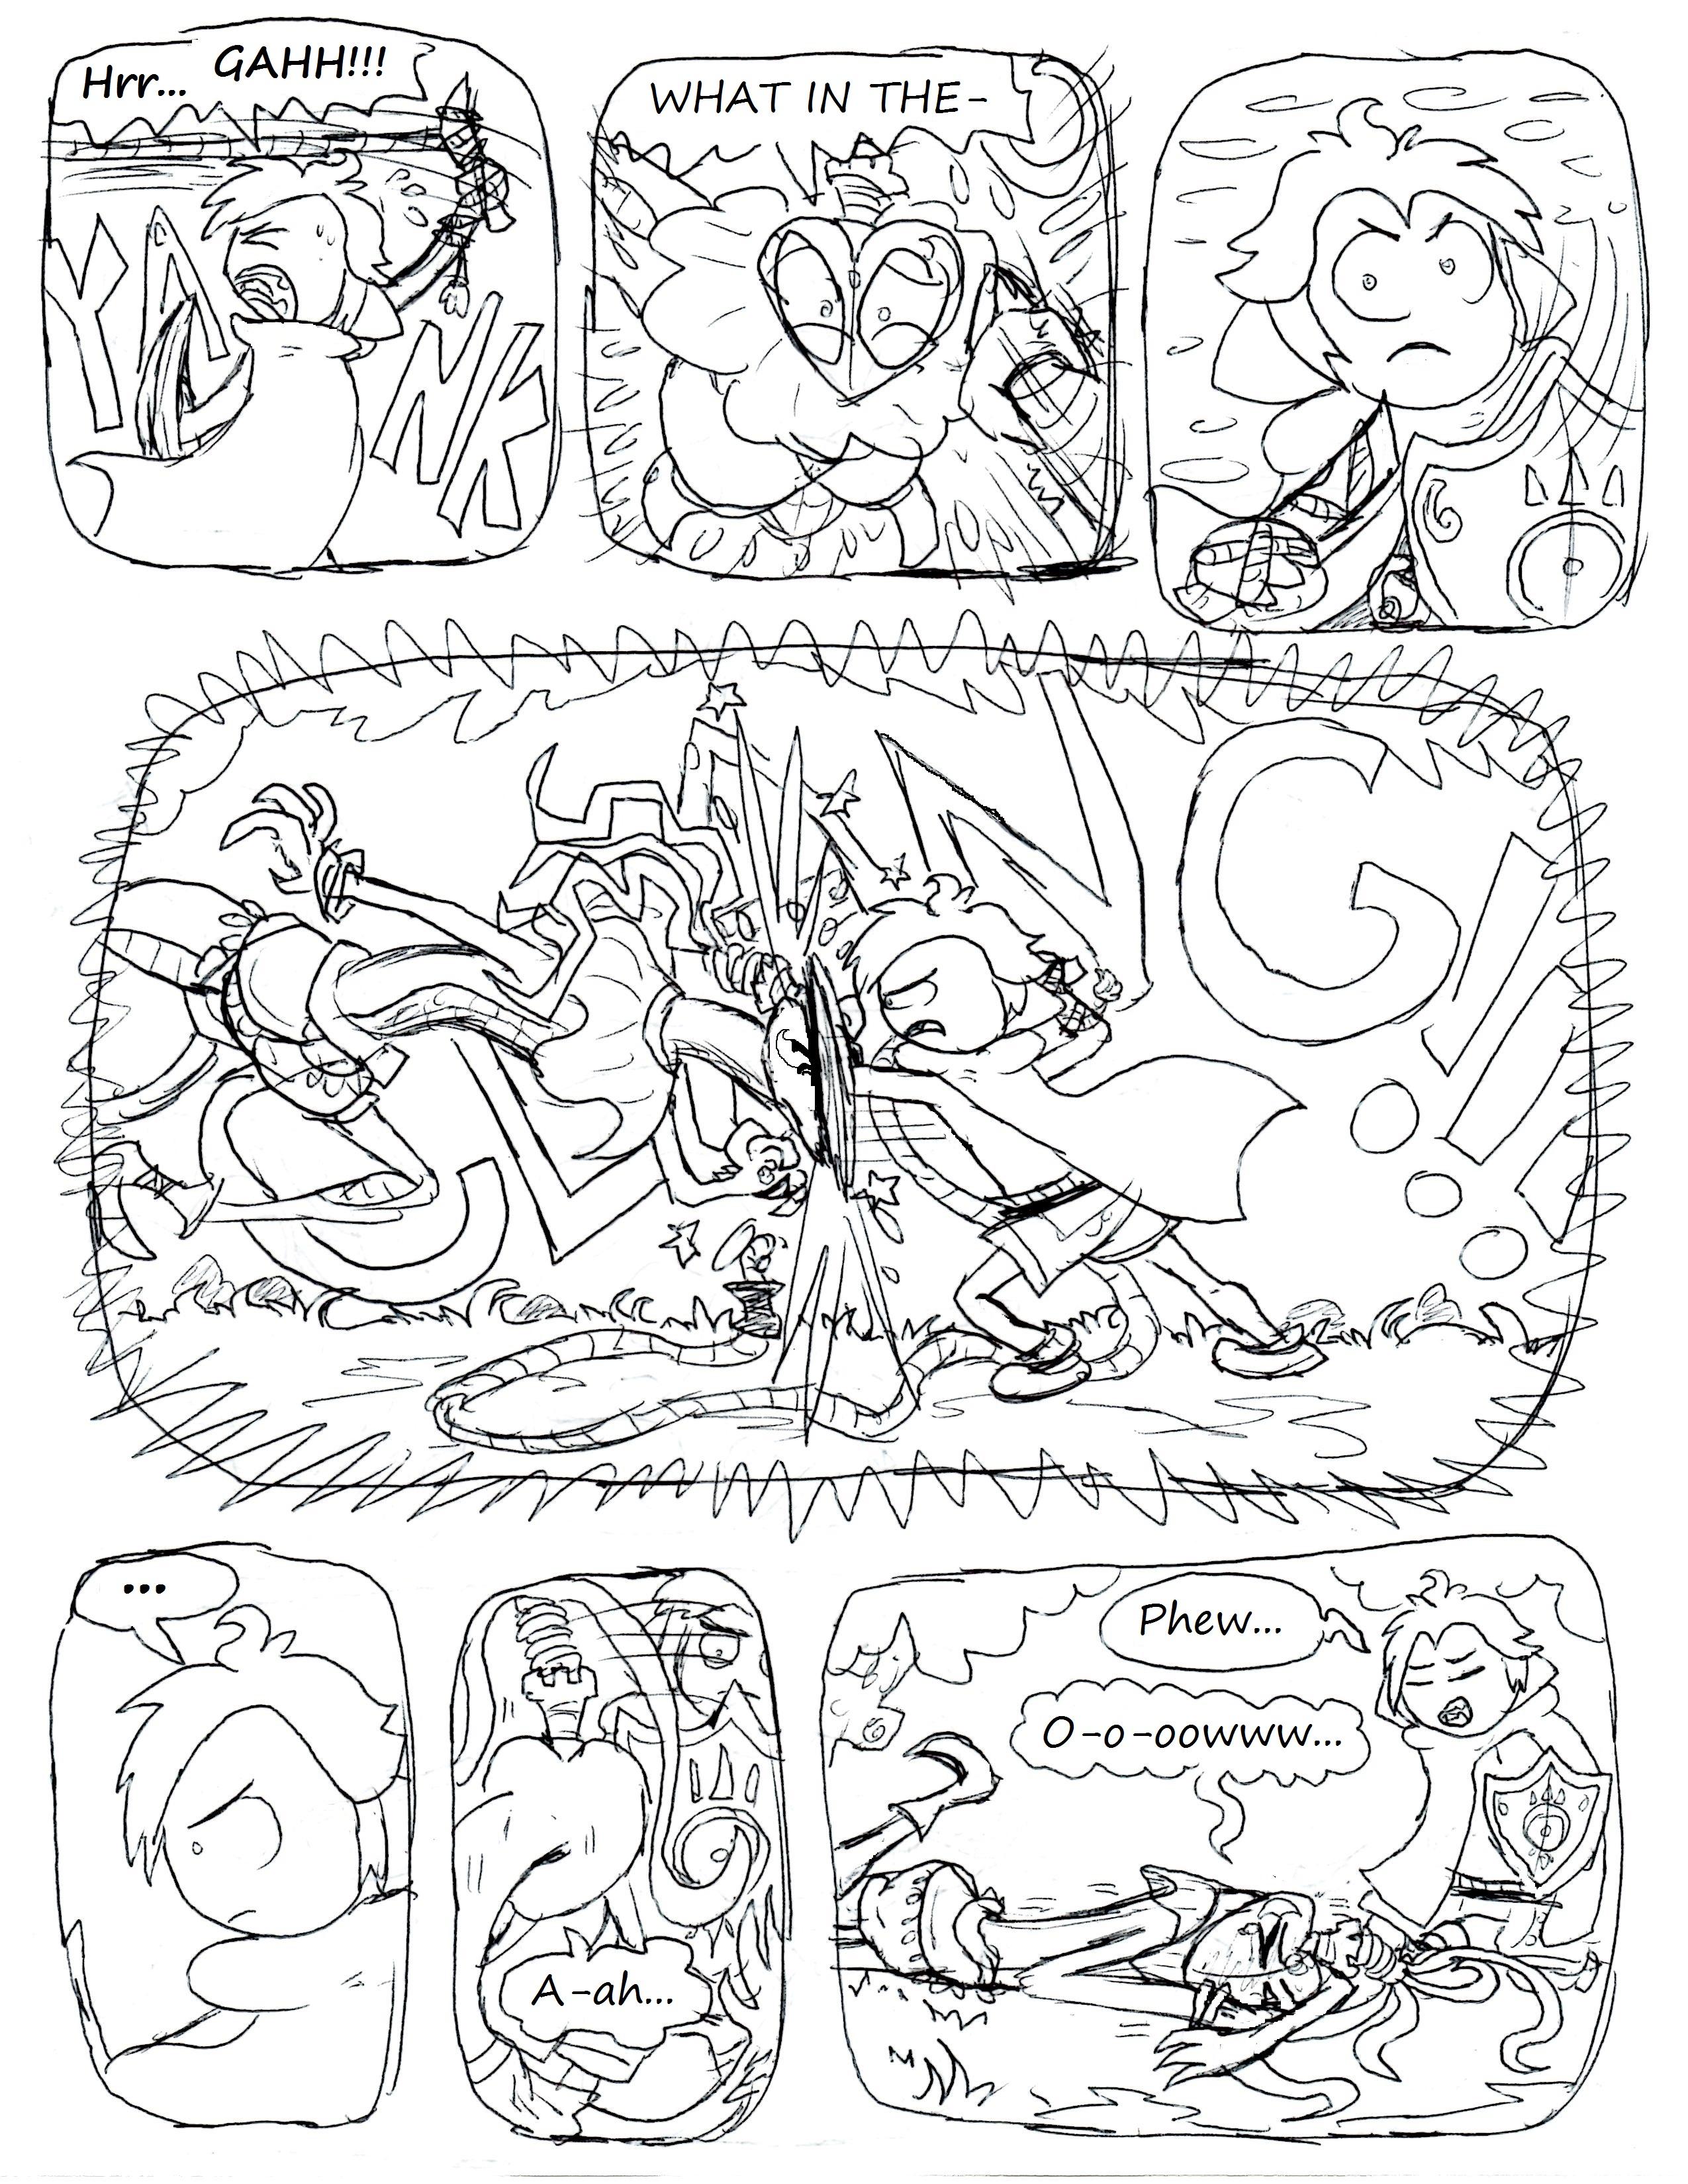 COV5 Page 66